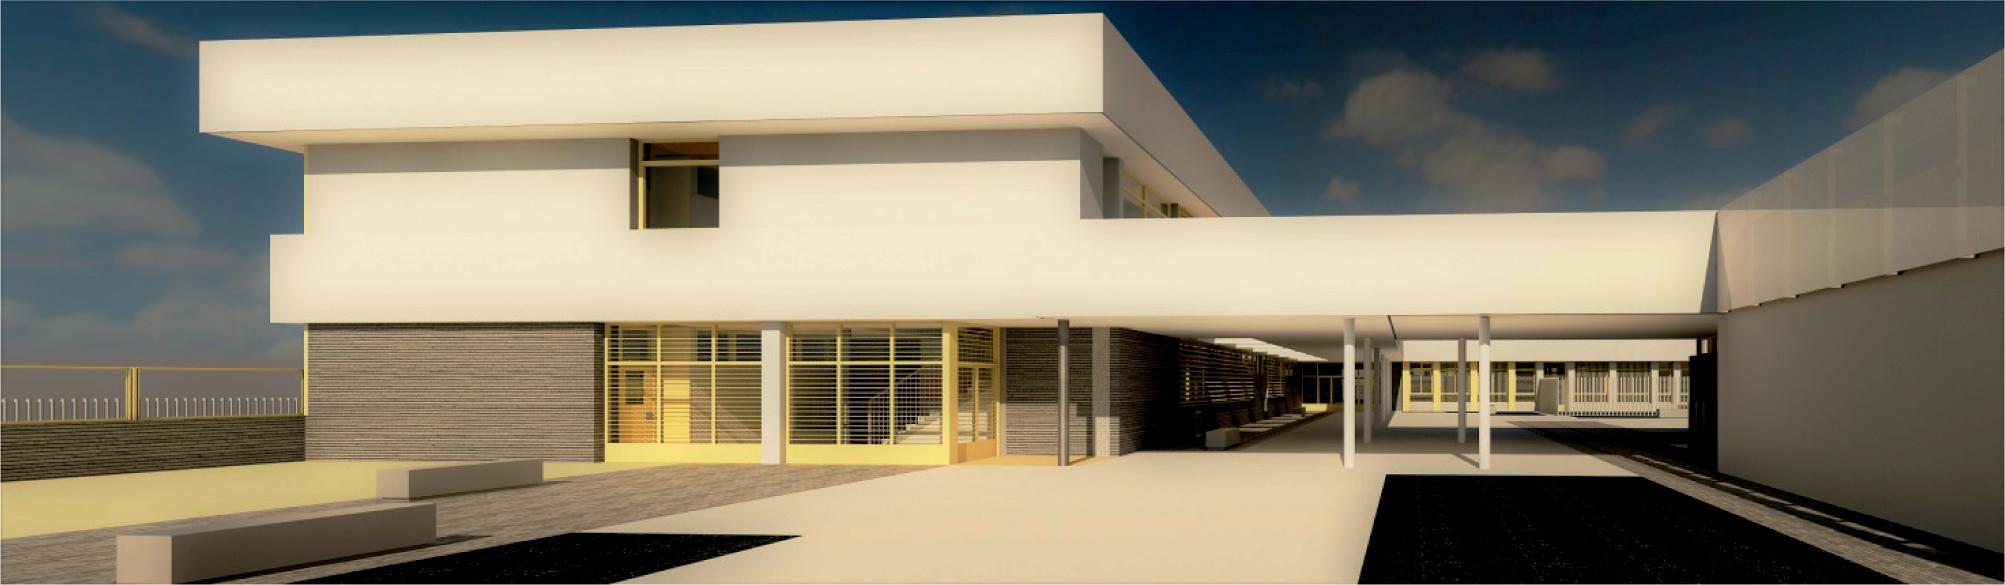 Licitadas las obras para construir el nuevo colegio público en la Estación